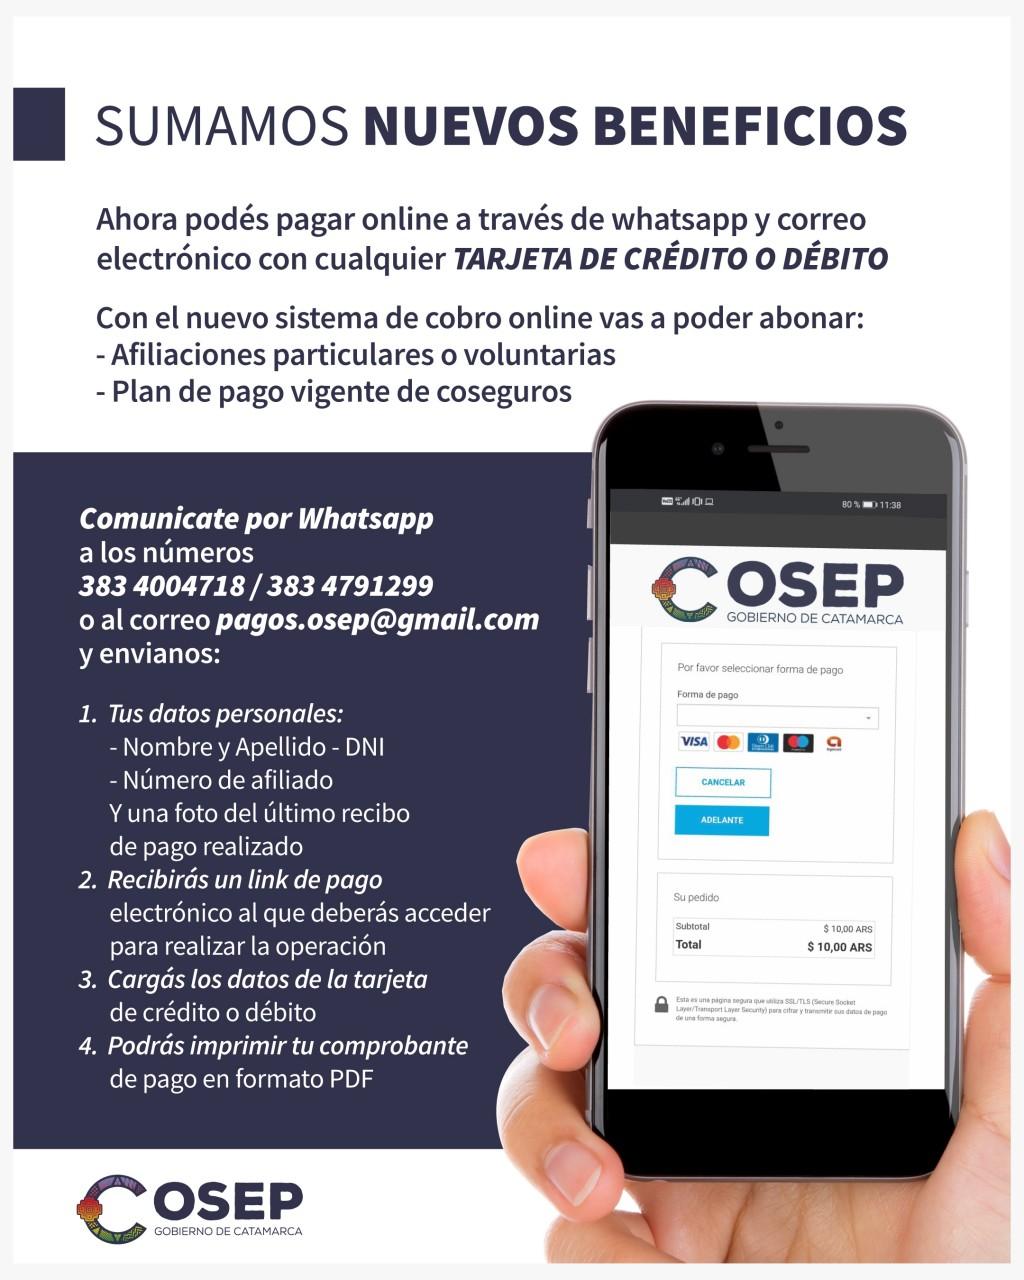 Entró en funcionamiento el sistema de cobro online de OSEP